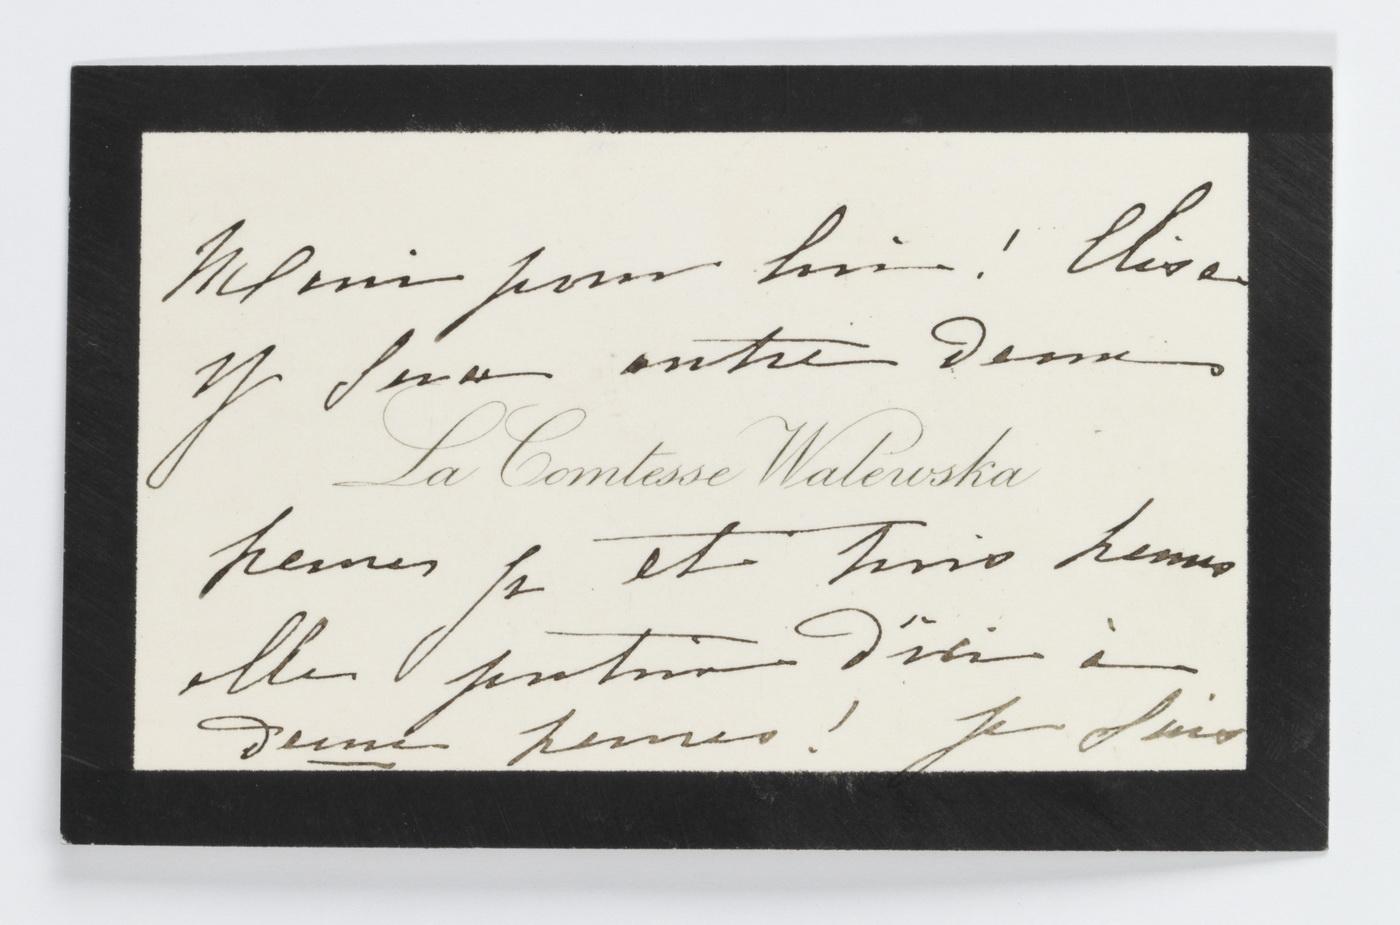 Carte de la Comtesse Walewska - Patrimoine Charles-André COLONNA WALEWSKI, en ligne directe de Napoléon